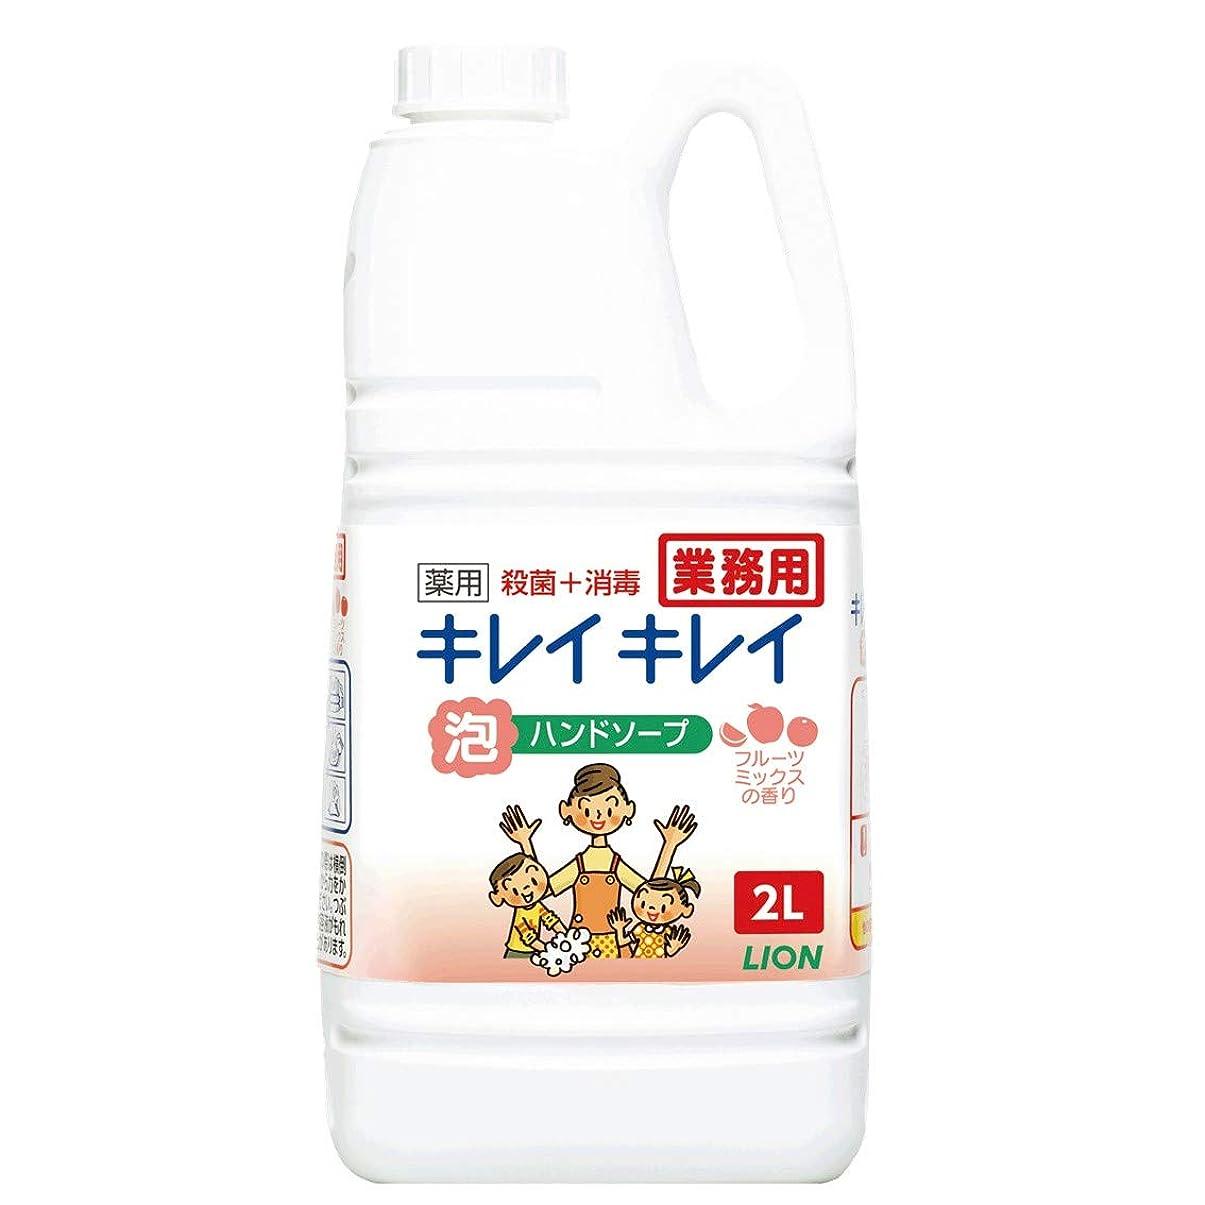 ズボン予防接種むしゃむしゃ【大容量】キレイキレイ 薬用泡ハンドソープ フルーツミックスの香り 2L